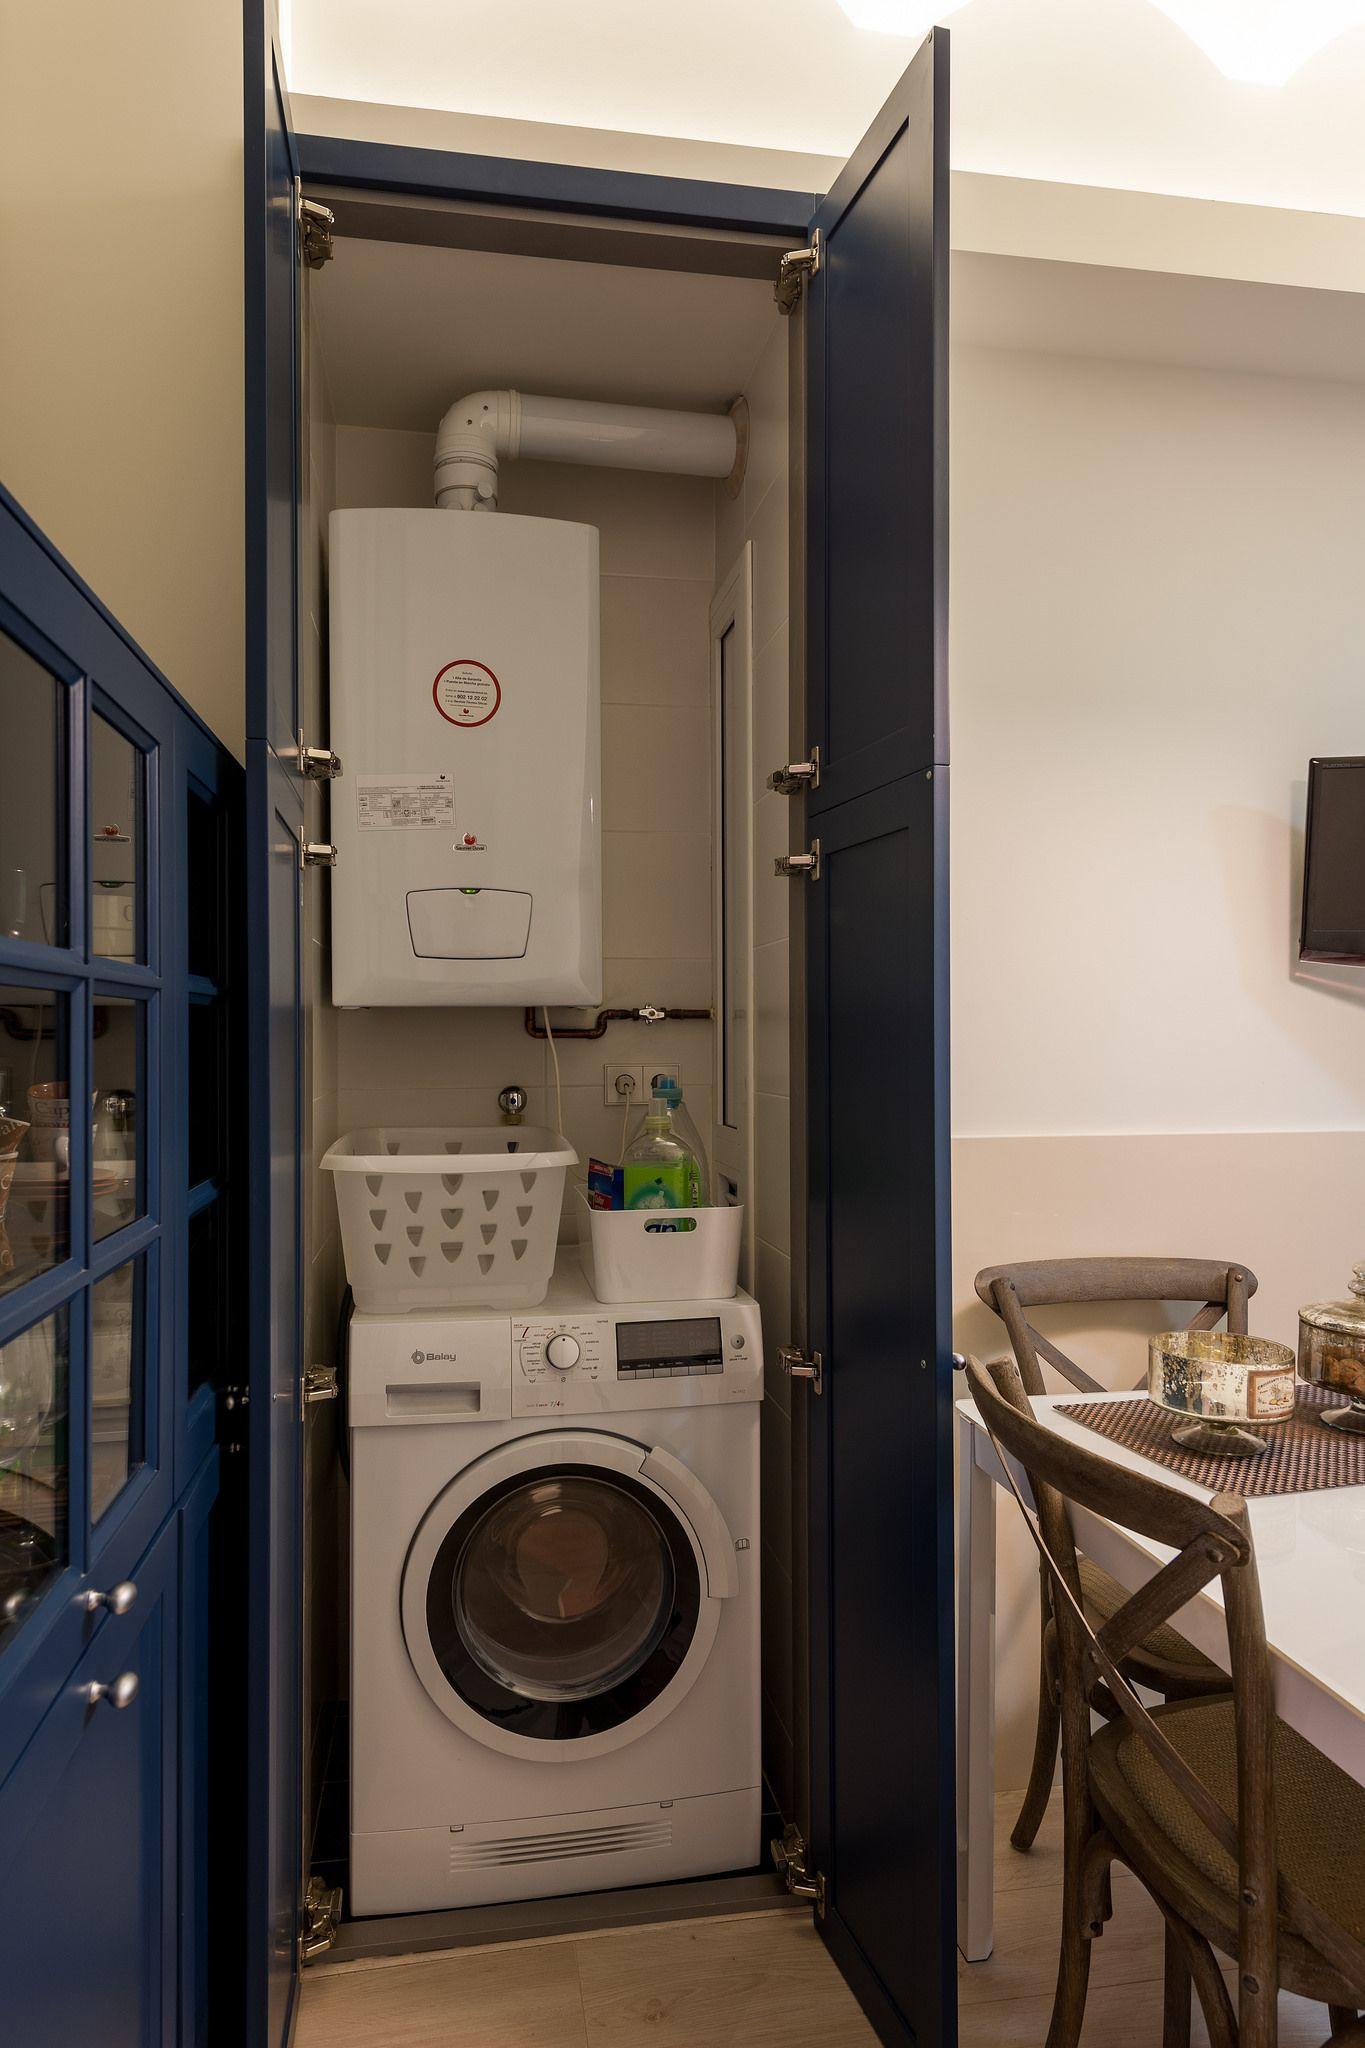 Amigo 11 galer a laundry room design small laundry rooms y laundry cupboard - Armario para lavadora ...